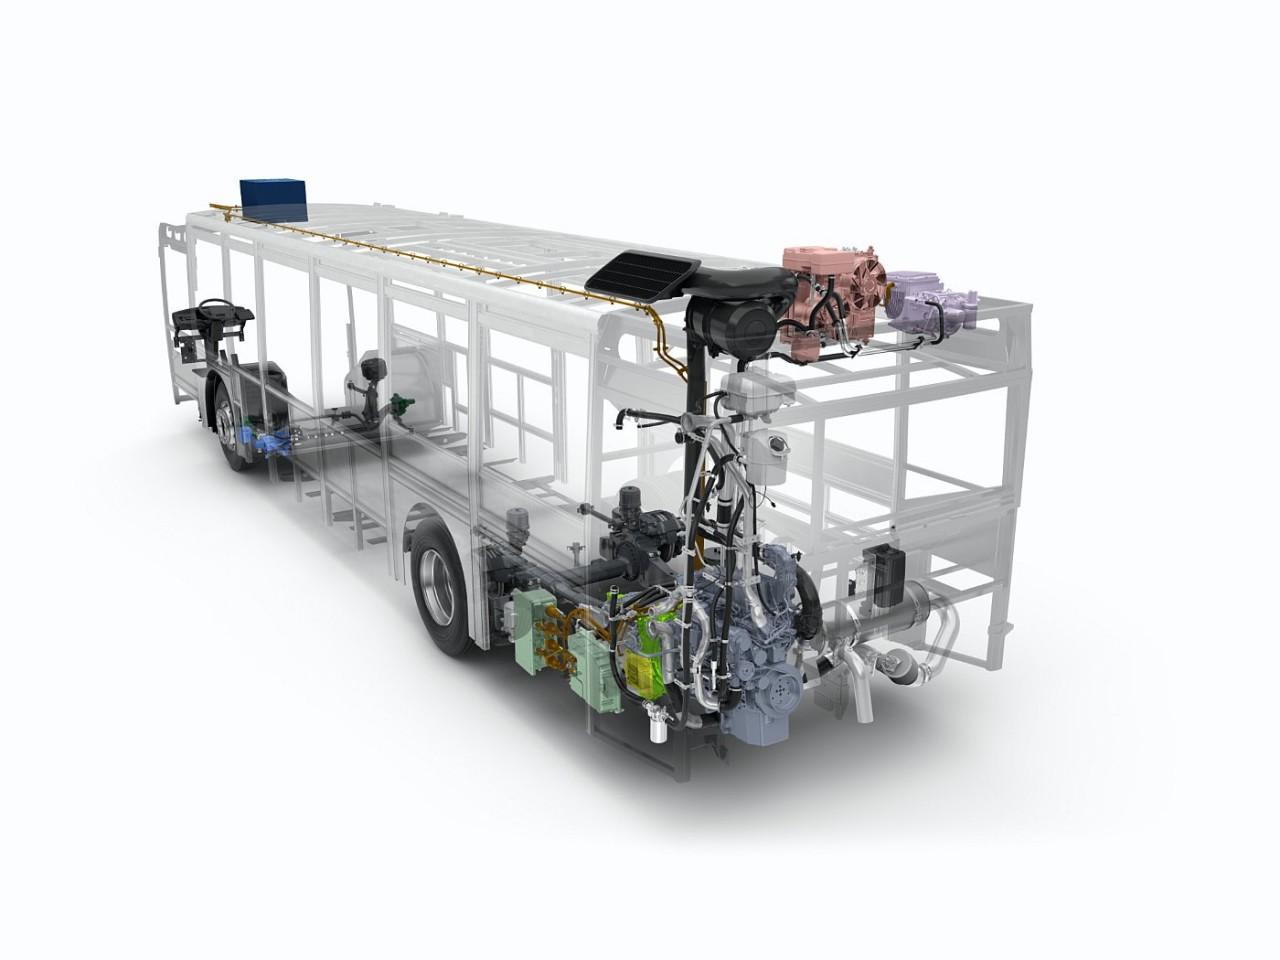 Volvo_7900_Hybrid_xray_2011